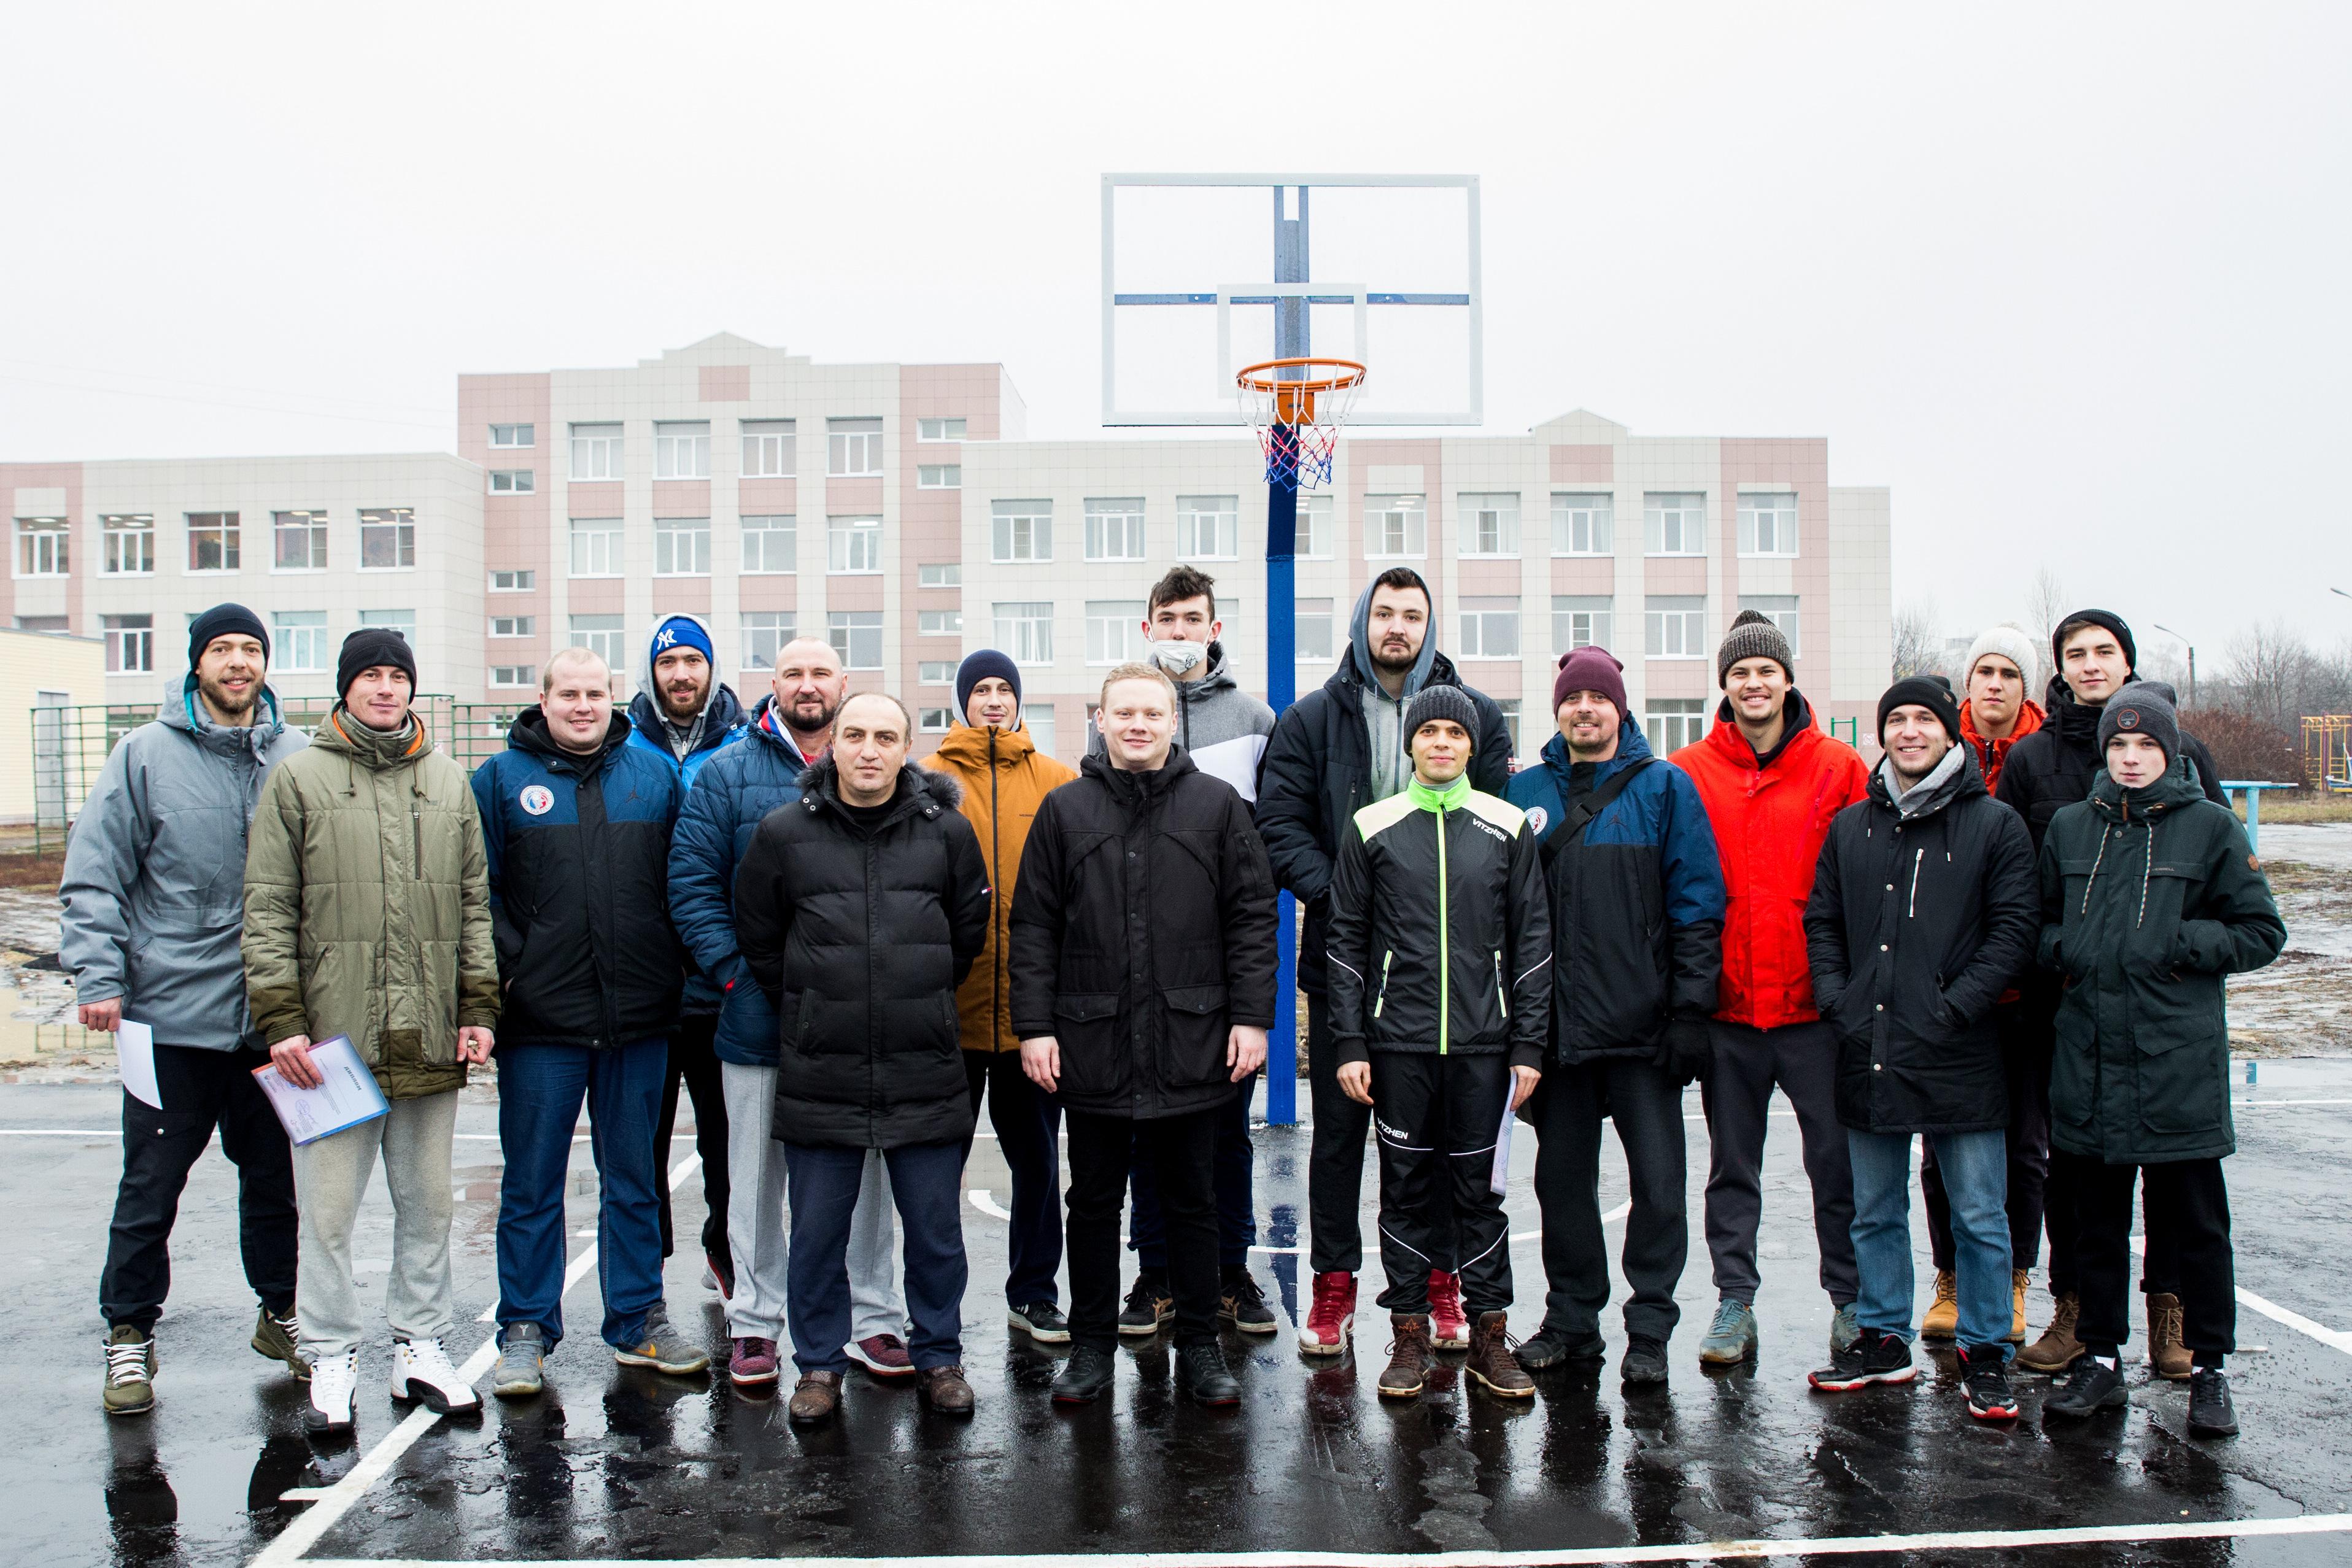 У Парка Победы в Тамбове открылась новая баскетбольная площадка